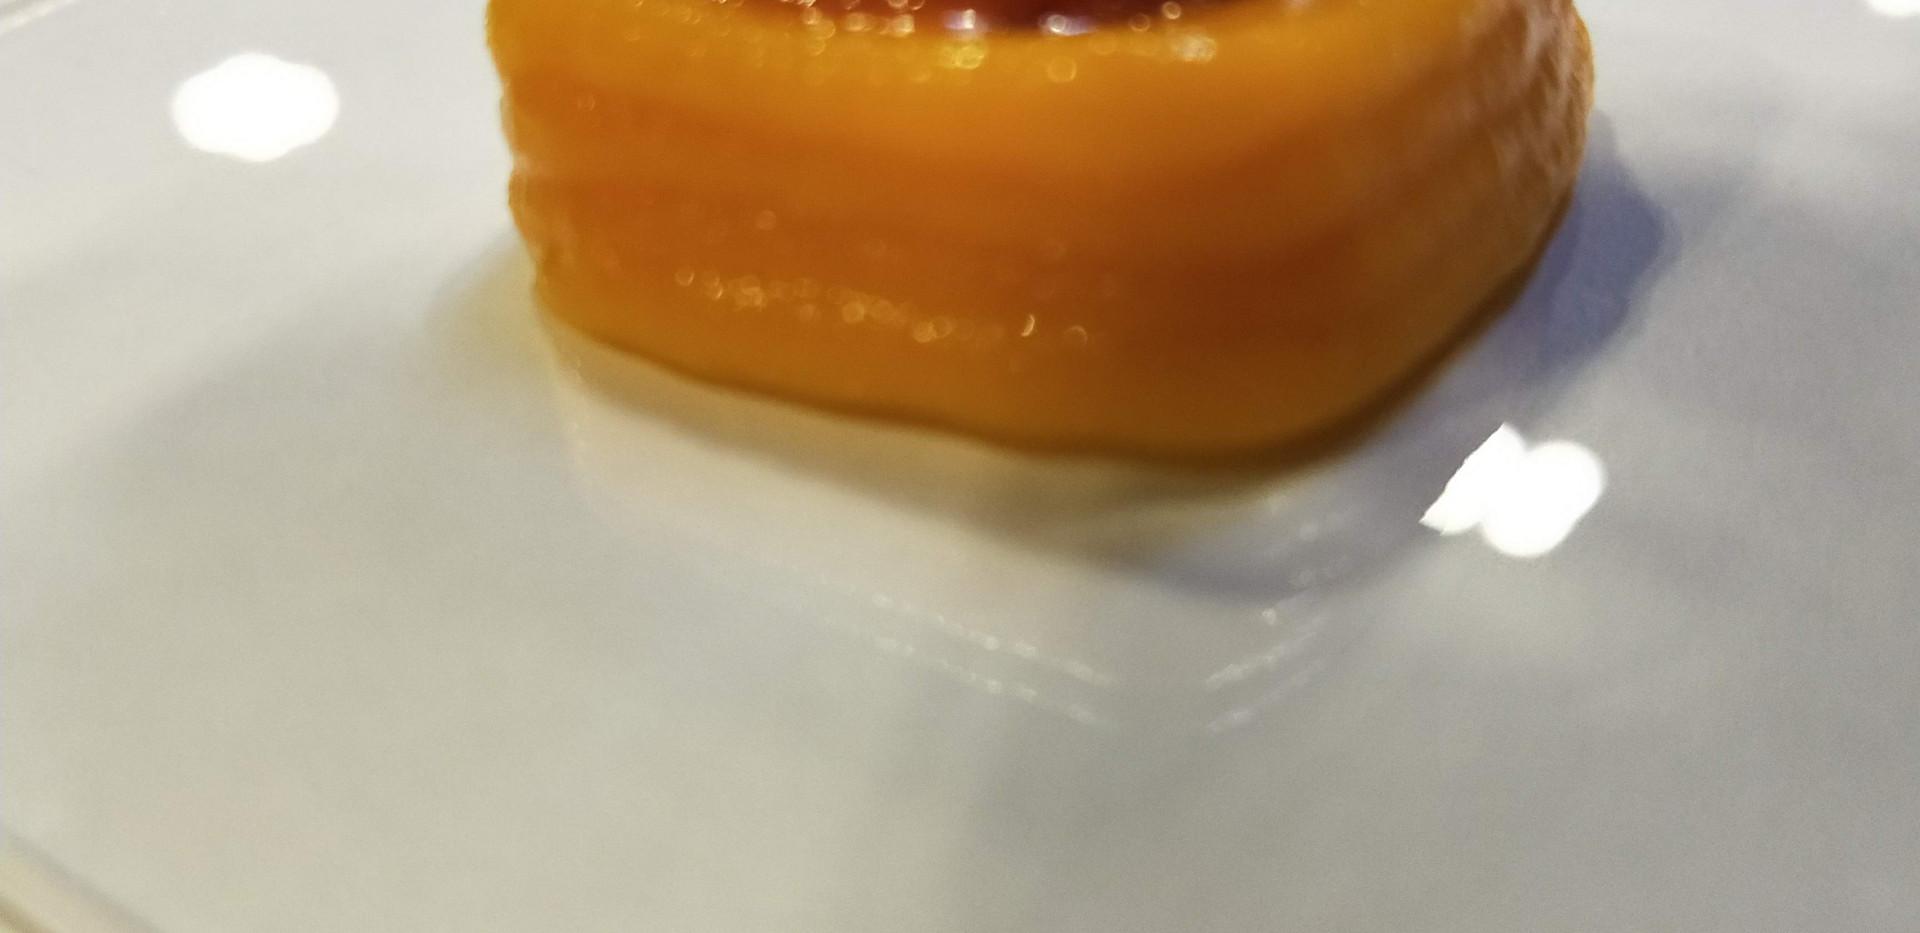 Tomato puree poured into carrot paste mount